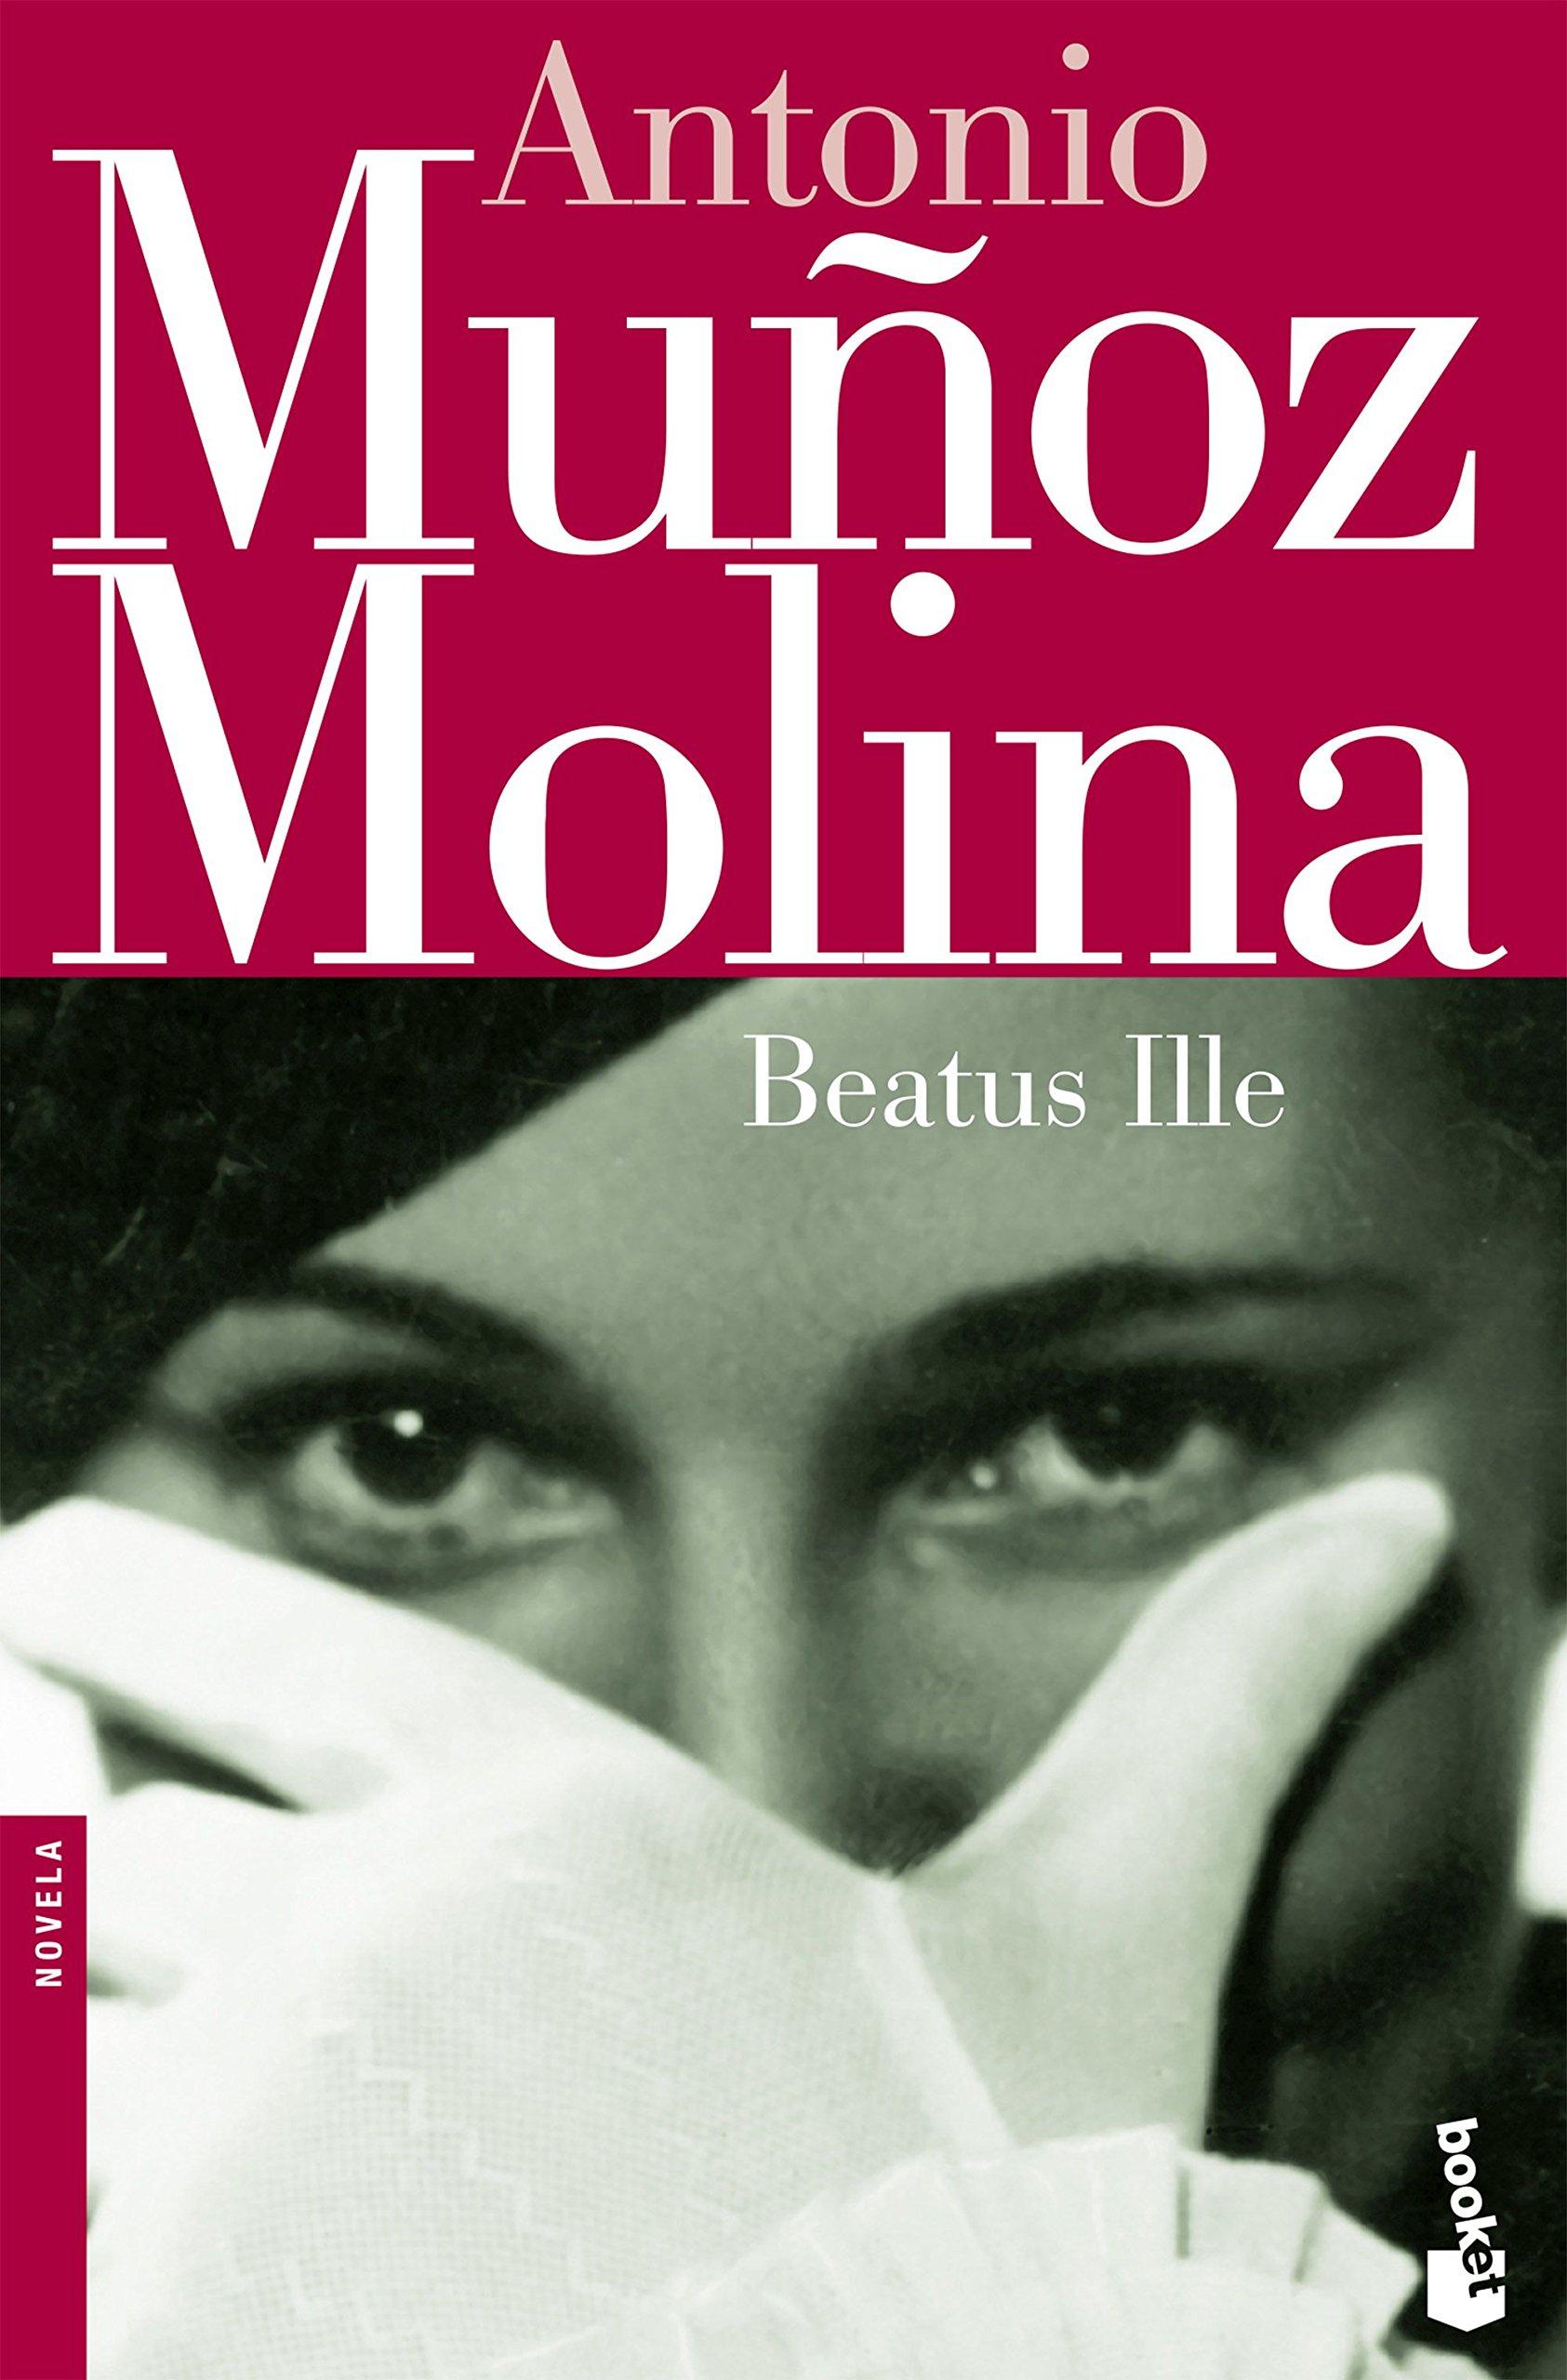 Beatus Ille (Biblioteca Antonio Muñoz Molina): Amazon.es: Antonio Muñoz Molina: Libros